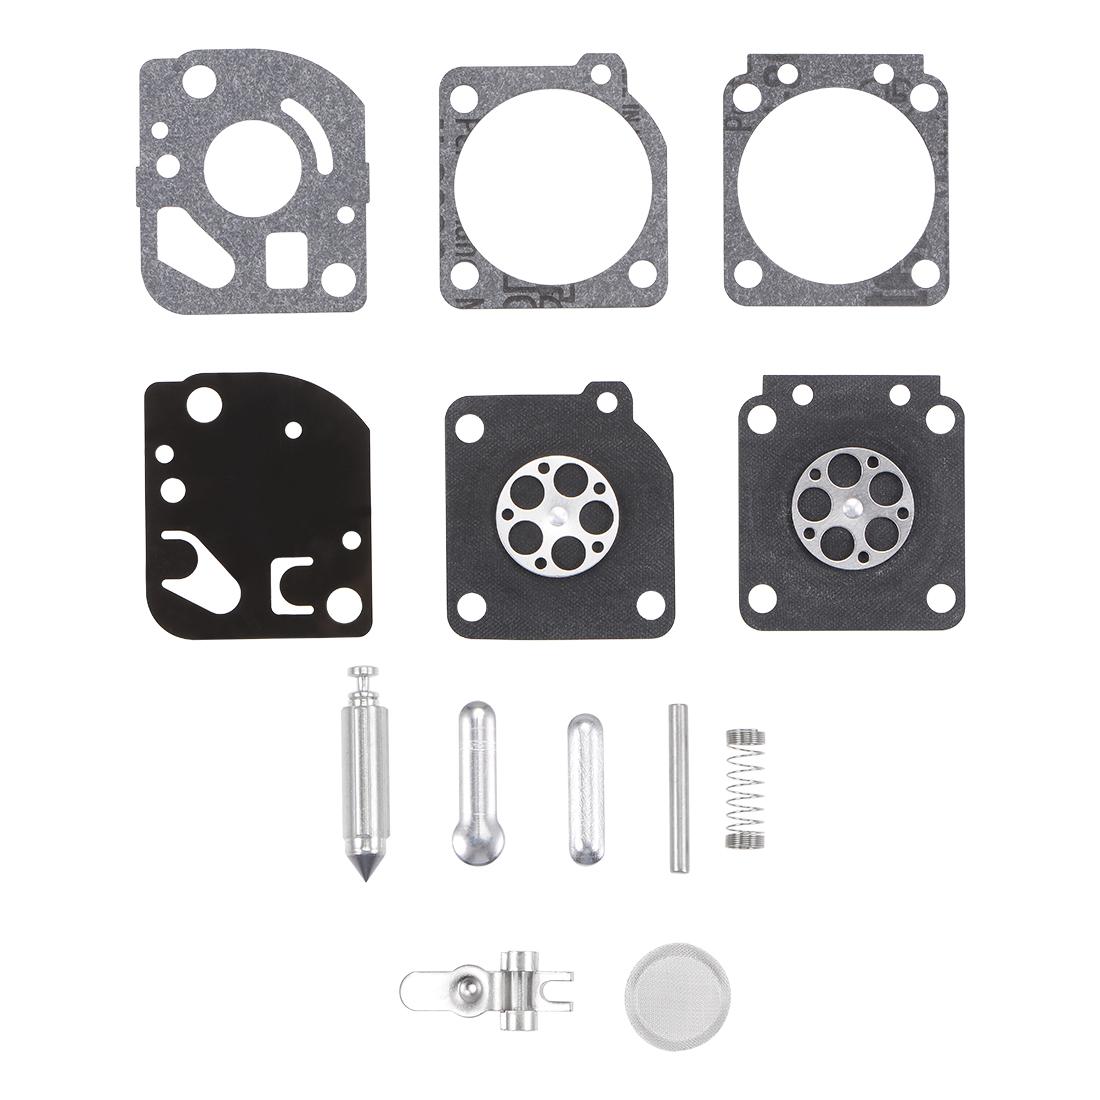 RB-73 Carburetor Rebuild Kit Gasket Diaphragm for RB-73 Engines Carb 3pcs